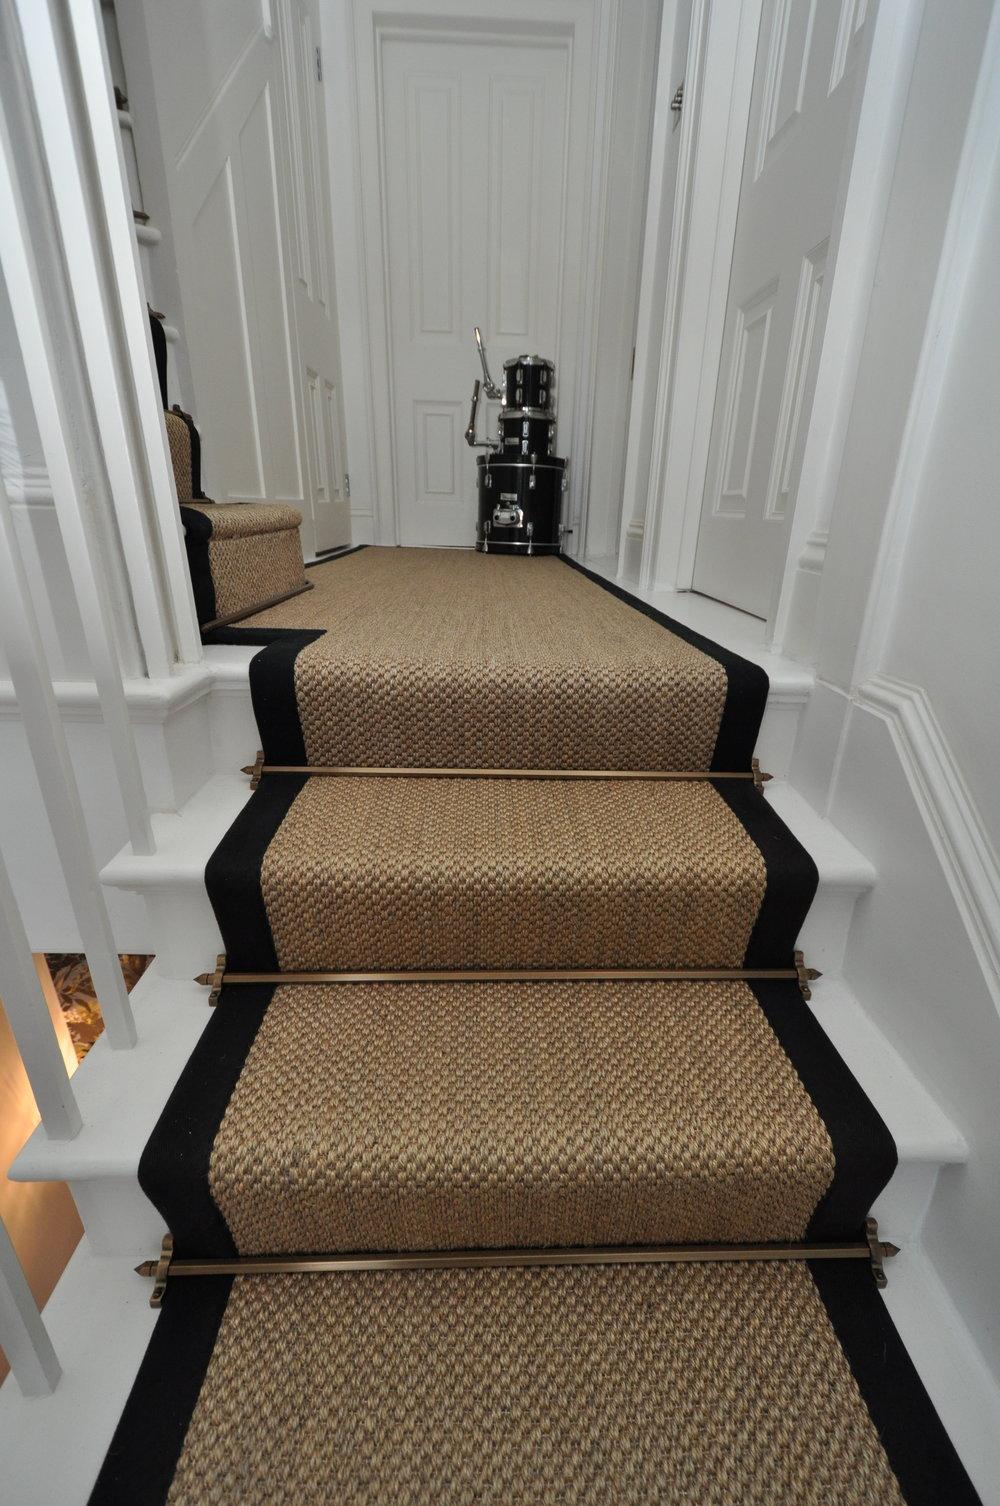 flatweave-stair-runners-london-bowloom-carpet-geometric-off-the-loom-DSC_1444.jpg